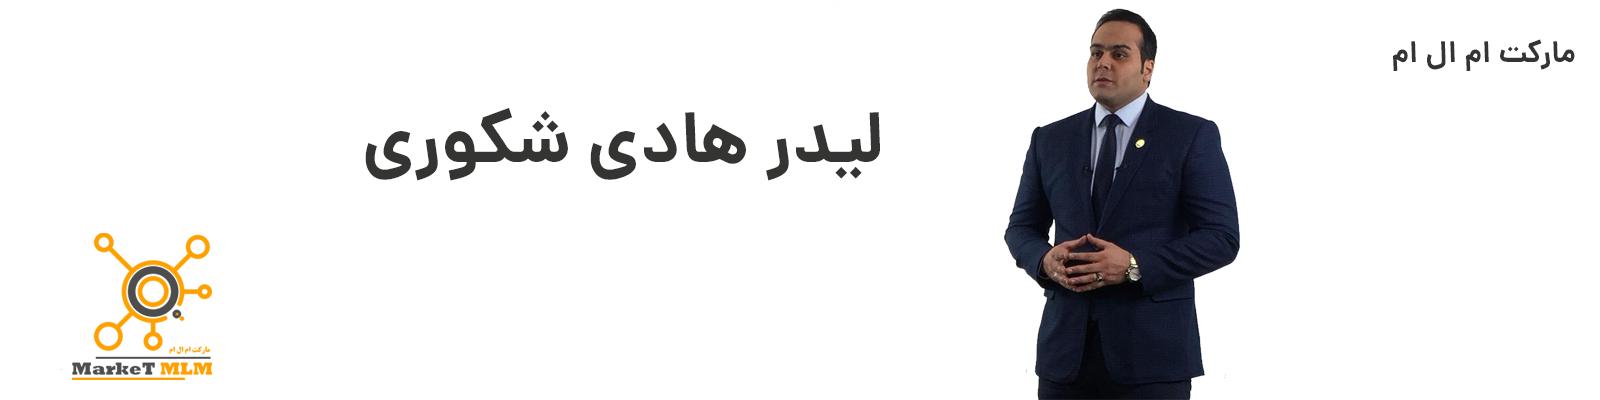 هادی شکوری مارکت ام ال ام